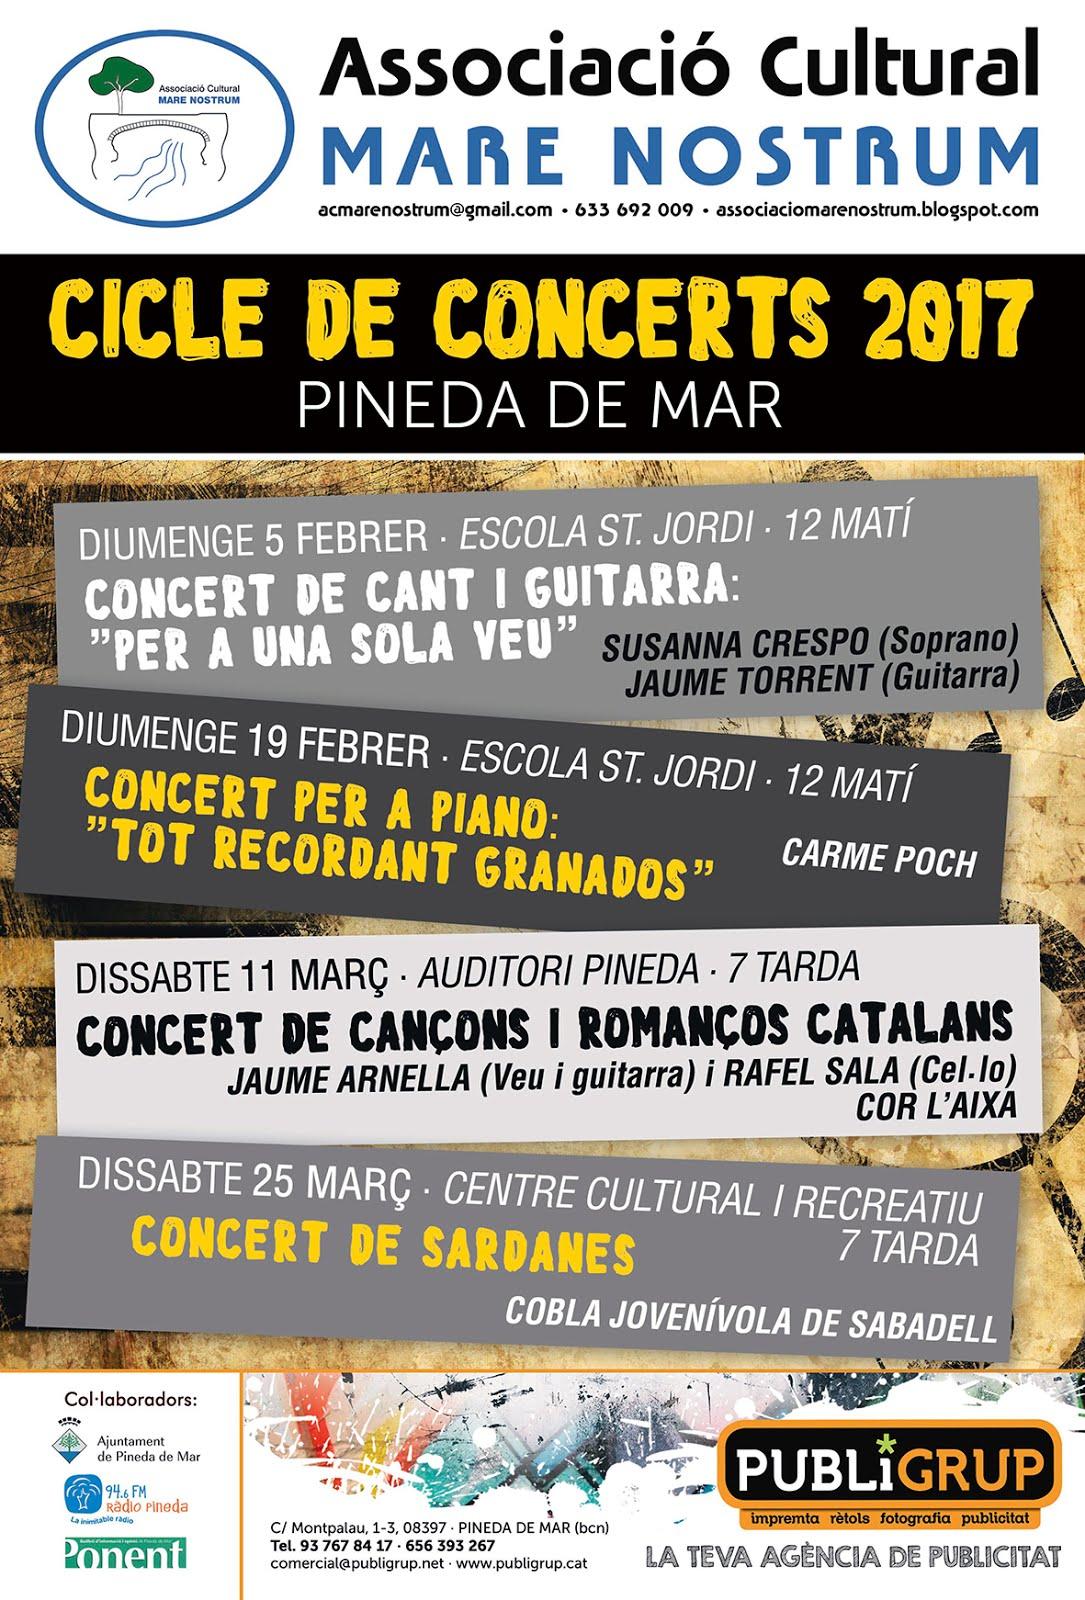 CICLE DE CONCERTS 2017